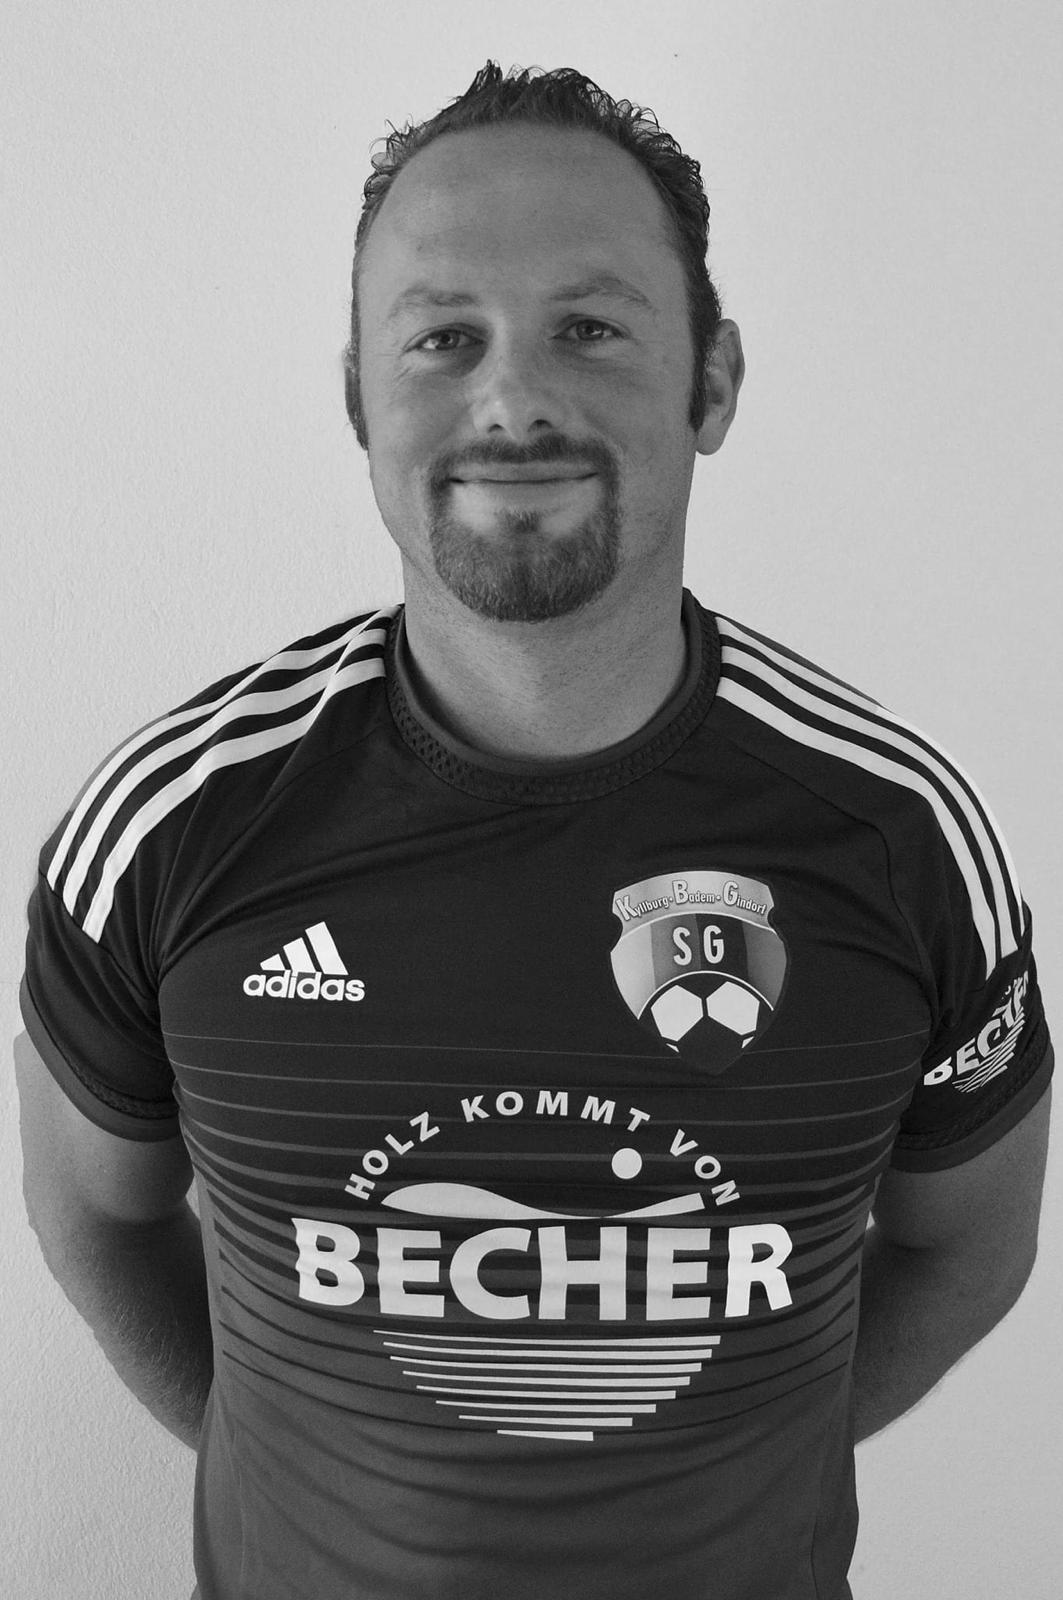 Trauer um Fußballkameraden Michael Simmer !